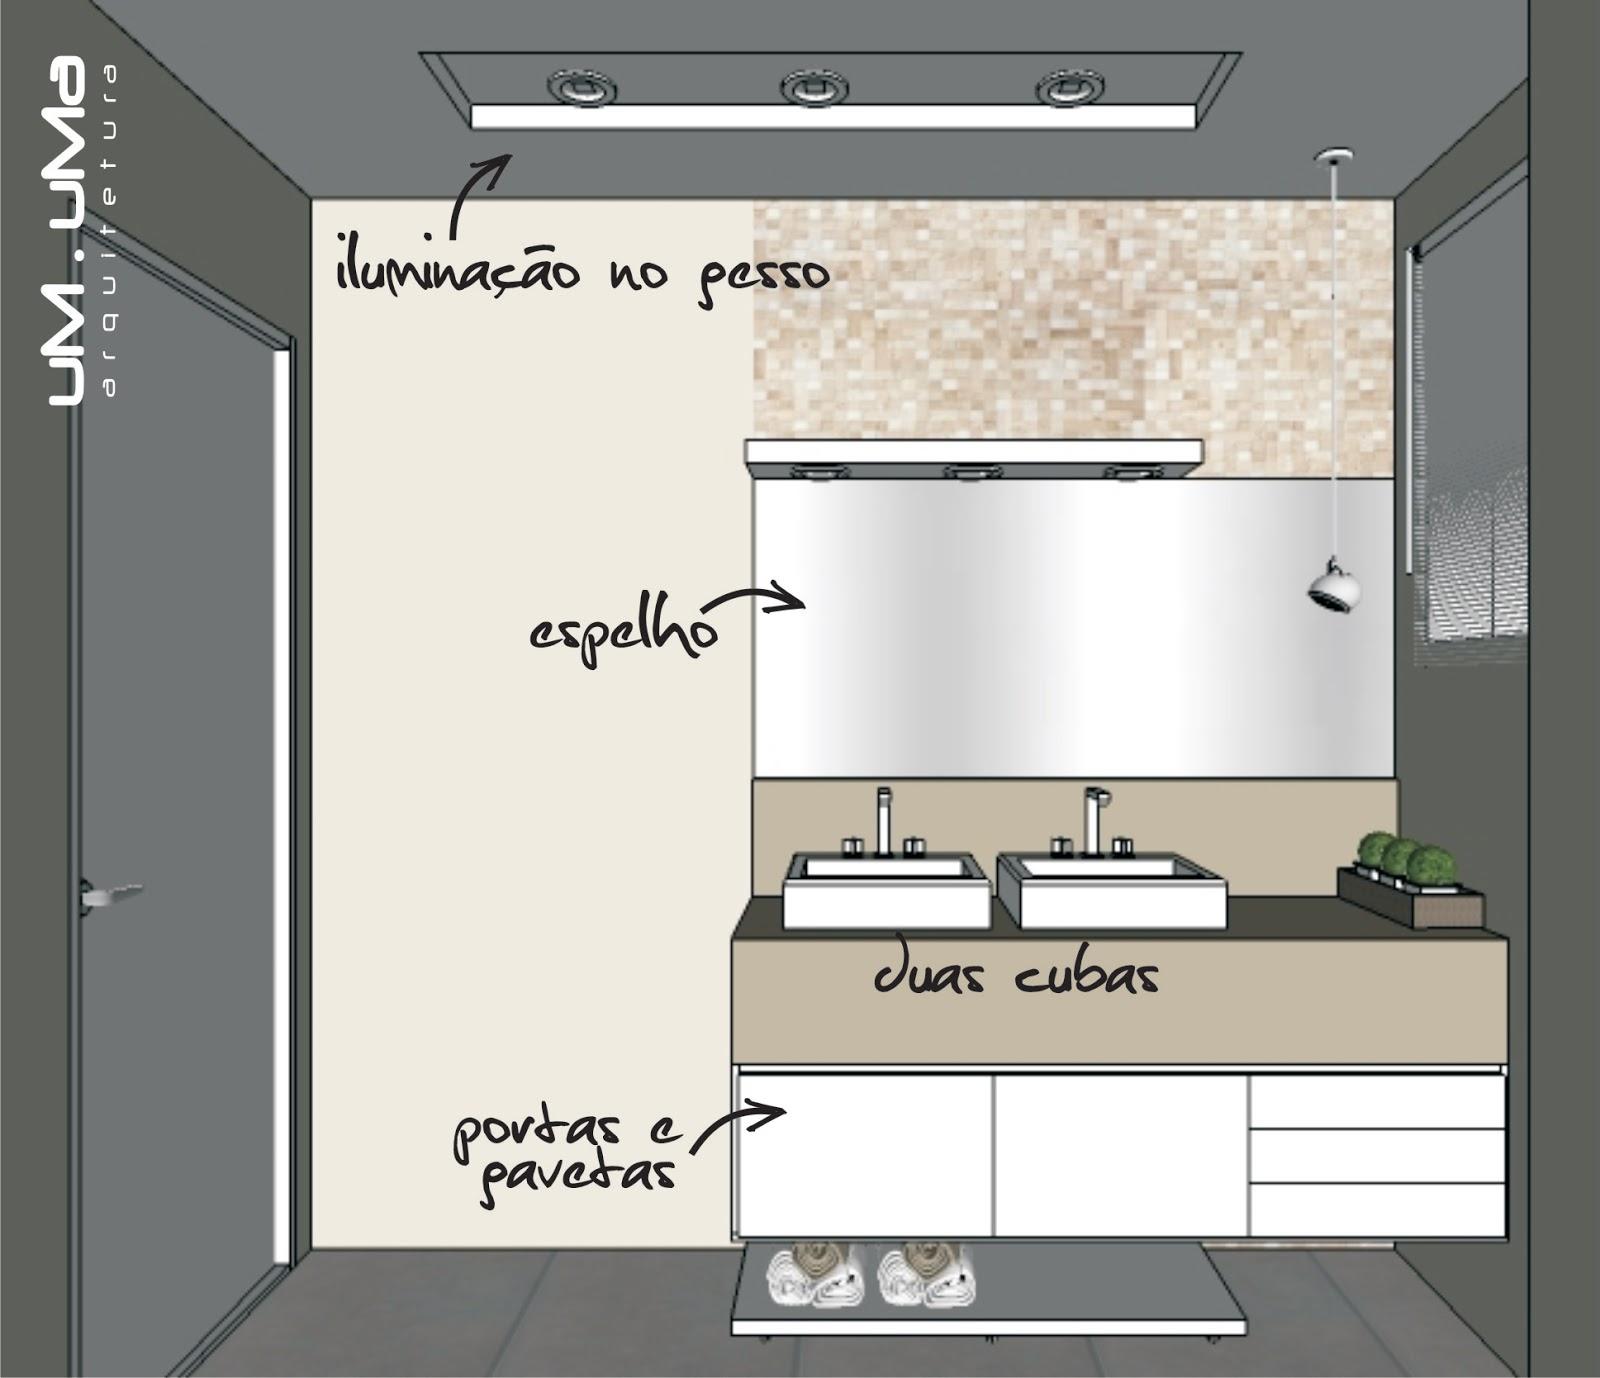 Banheiro casal Espelho horizontal   móvel com portas e gavetas   d  #7C6B4F 1600x1378 Banheiro Casal Duas Cubas